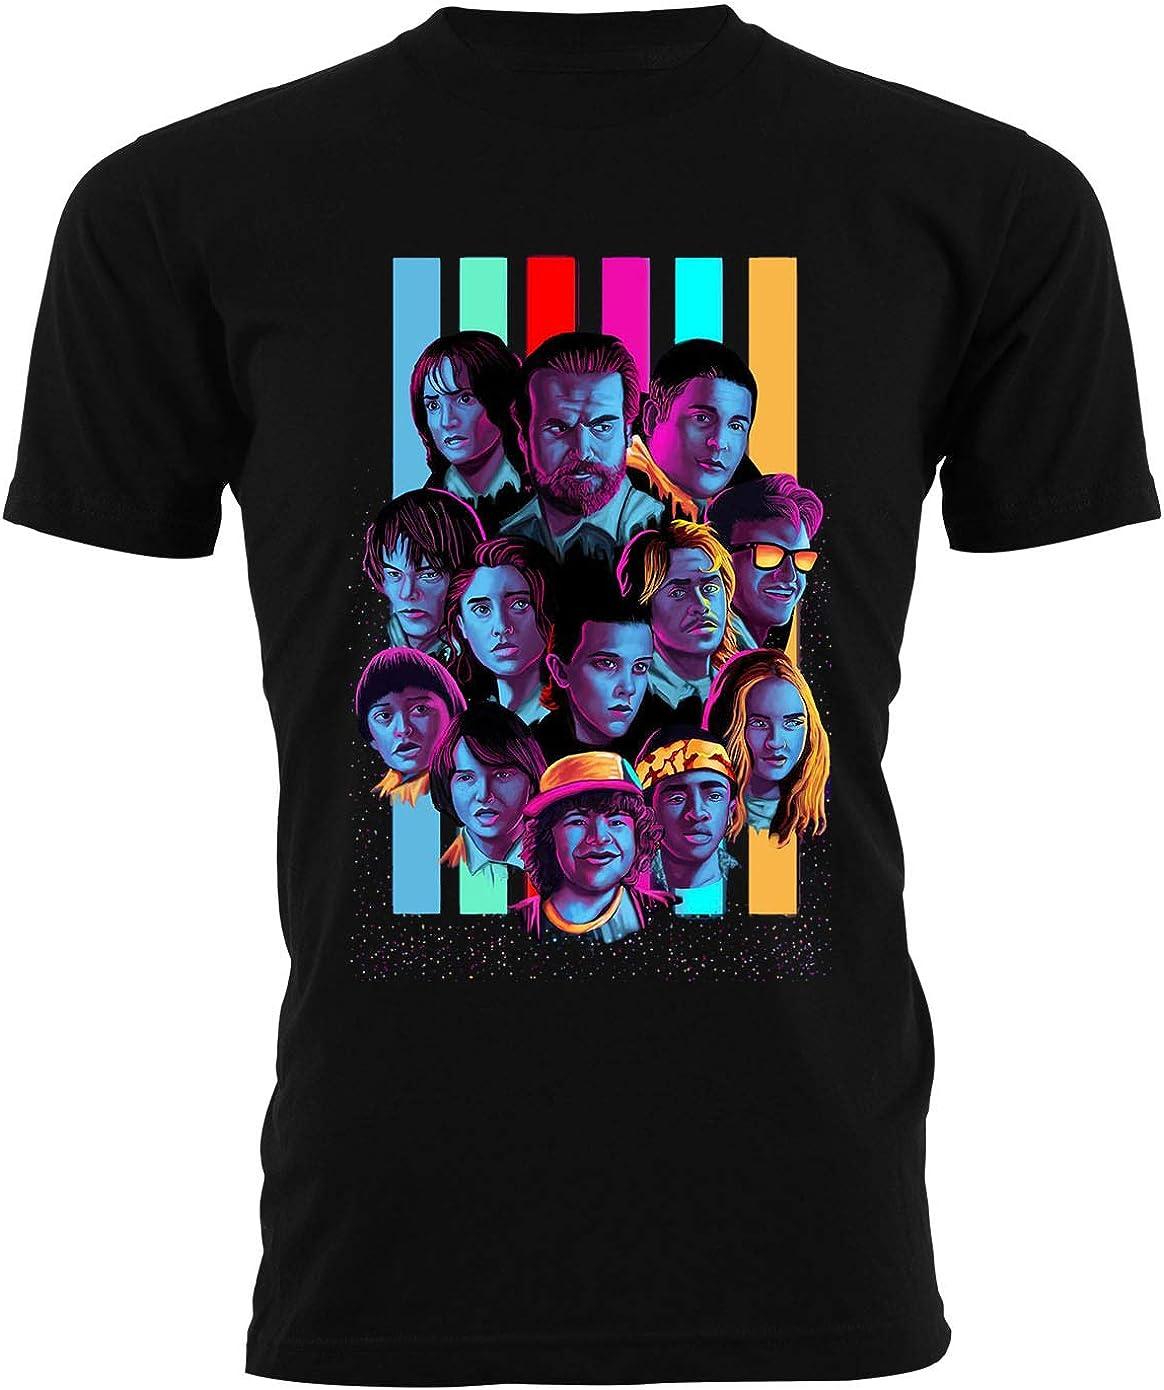 Generico T Shirt Upside Down Eleven Uomo Bambino Maglietta Demogorgon Dustin Serie TV